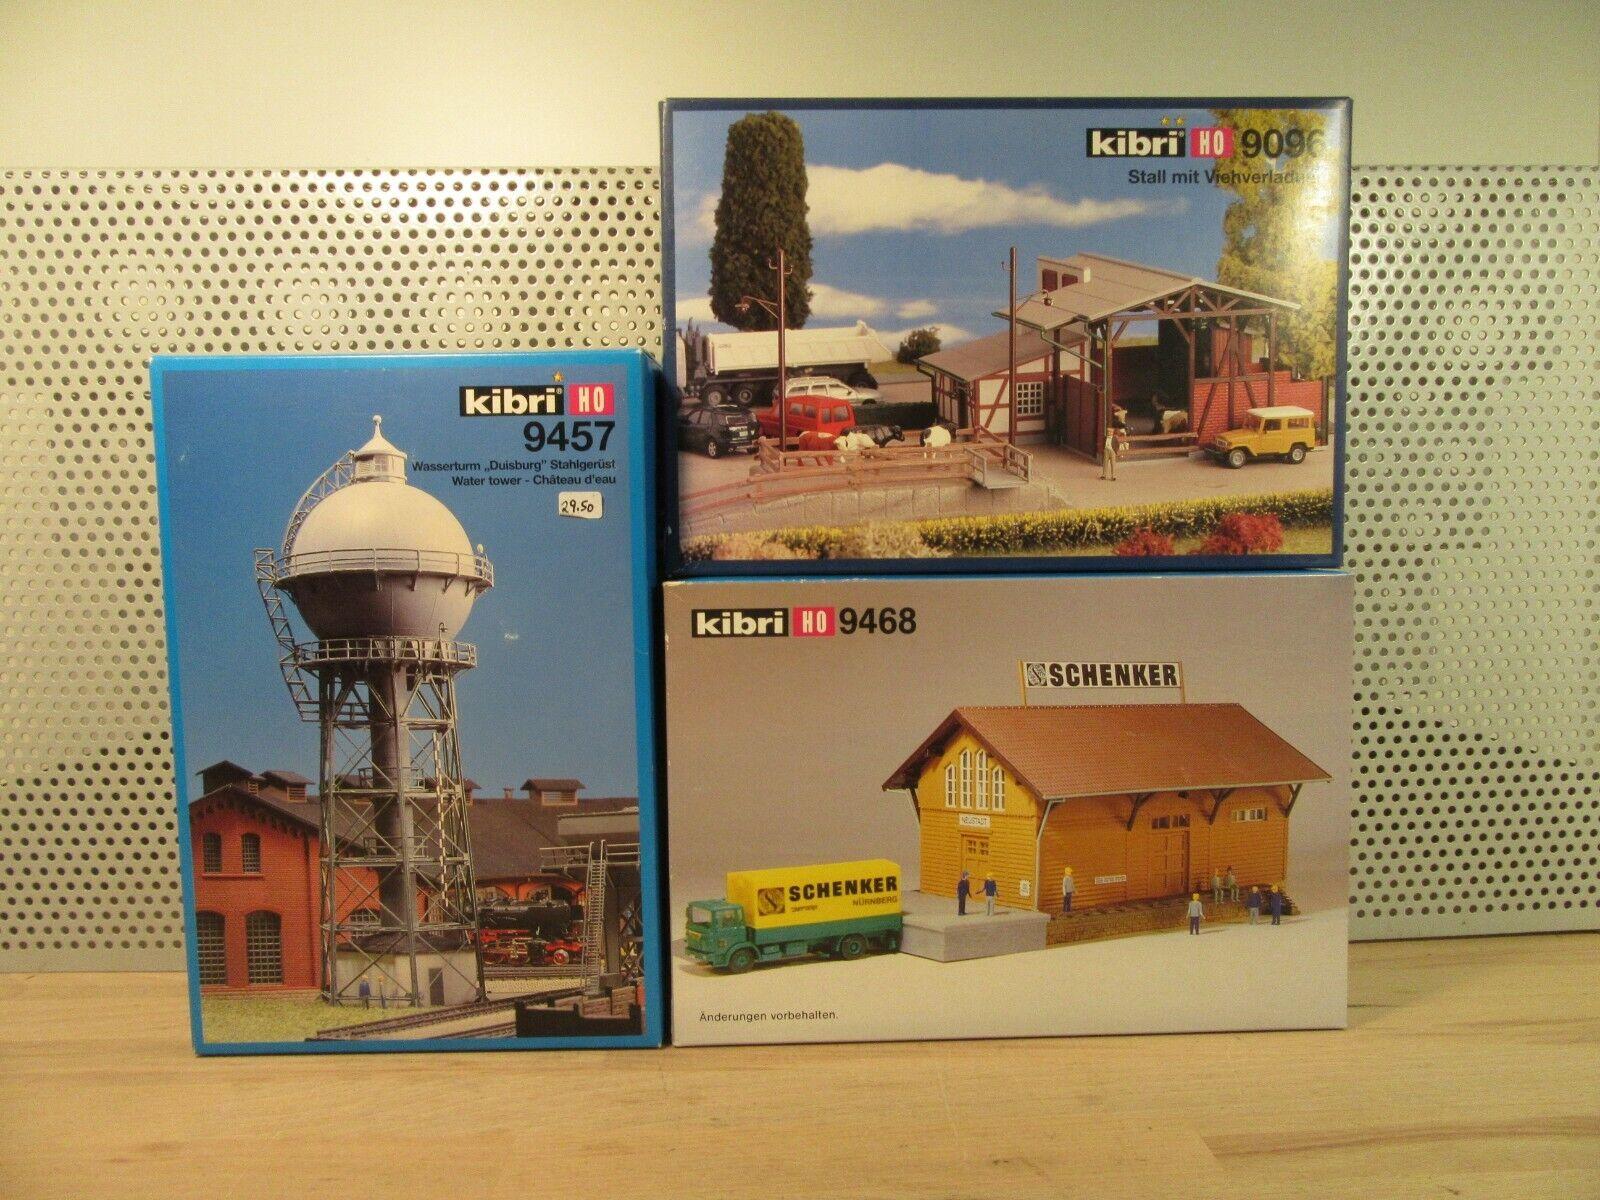 Kibri H0 H0 H0 9468 9096 9457 Stall Wasserturm Güterschuppen Bausatz Neu in OVP BS19 c7b483